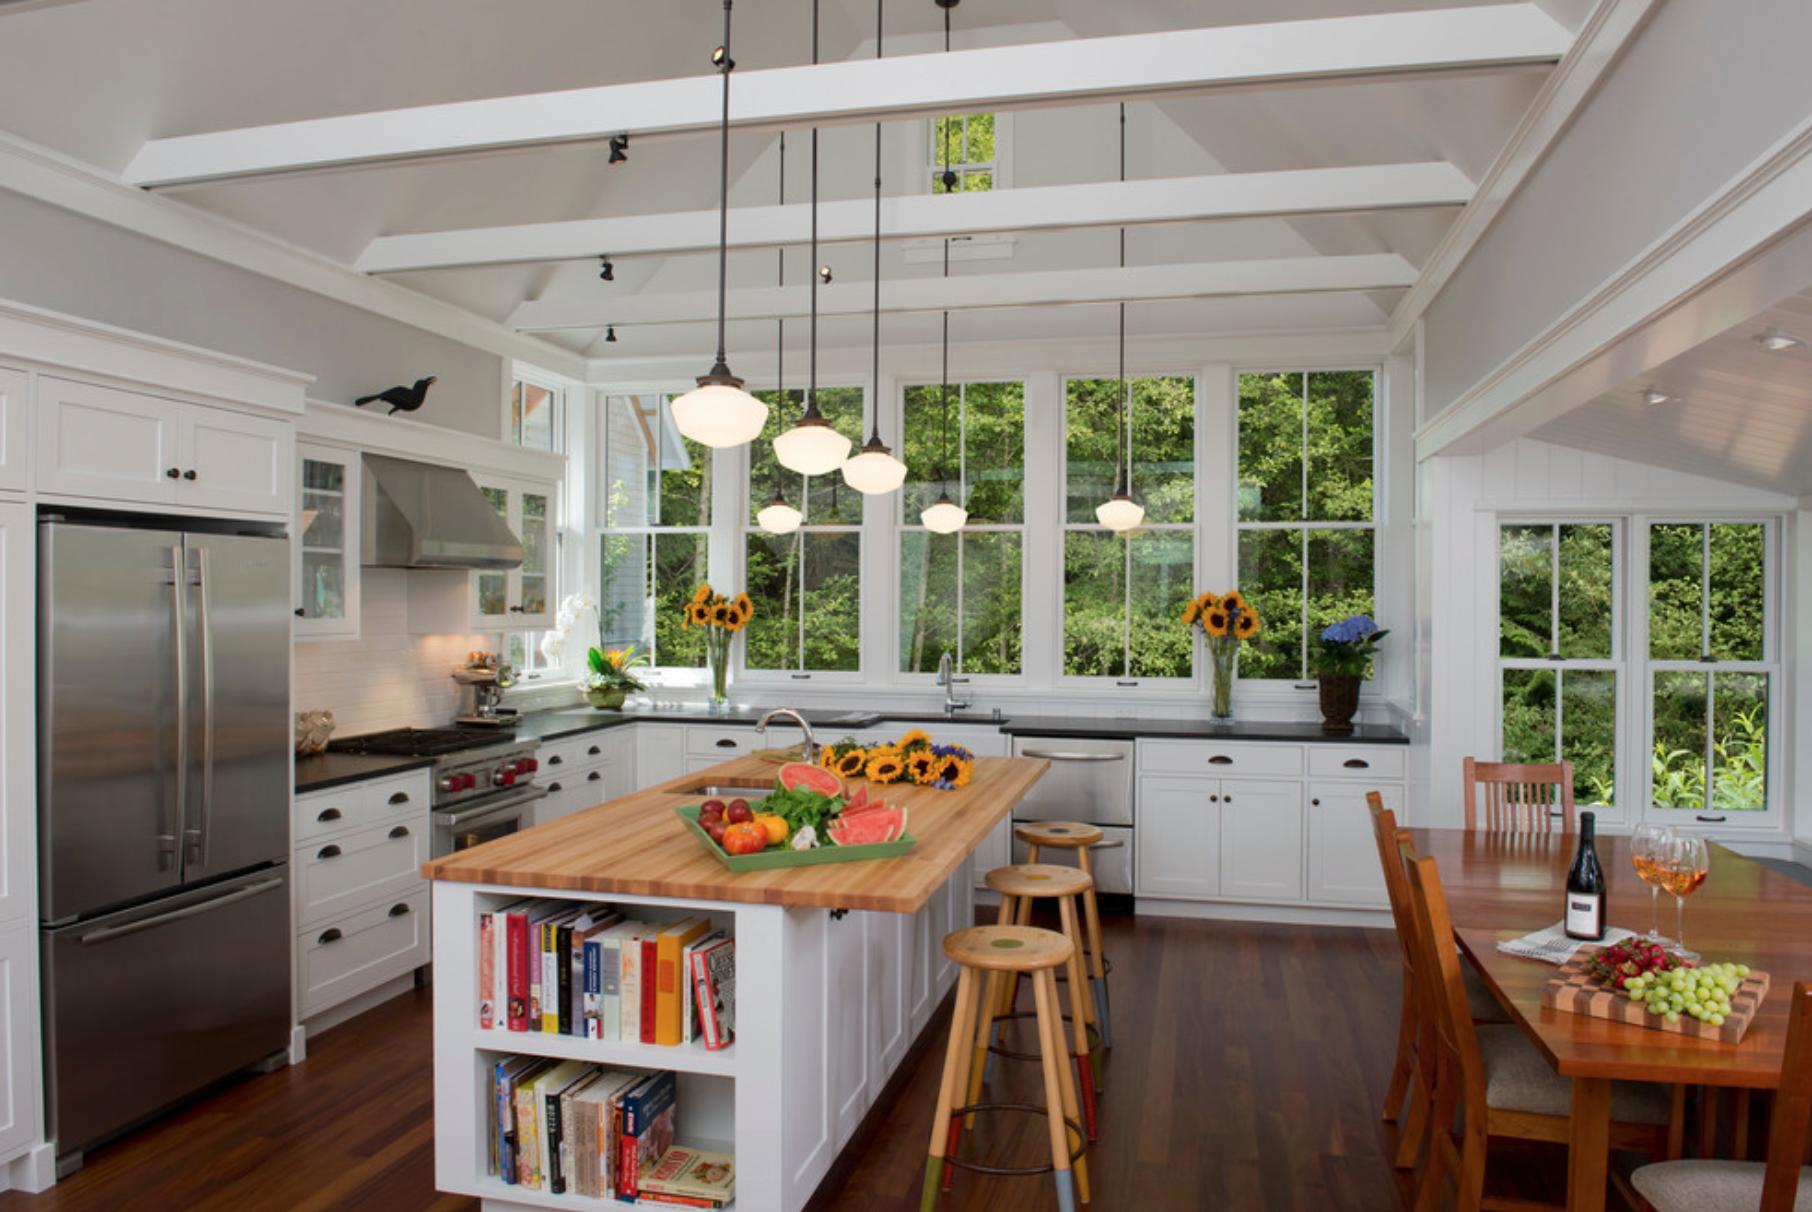 Cozinha Rustica E Moderna Modelo Rstico Cozinha Americana